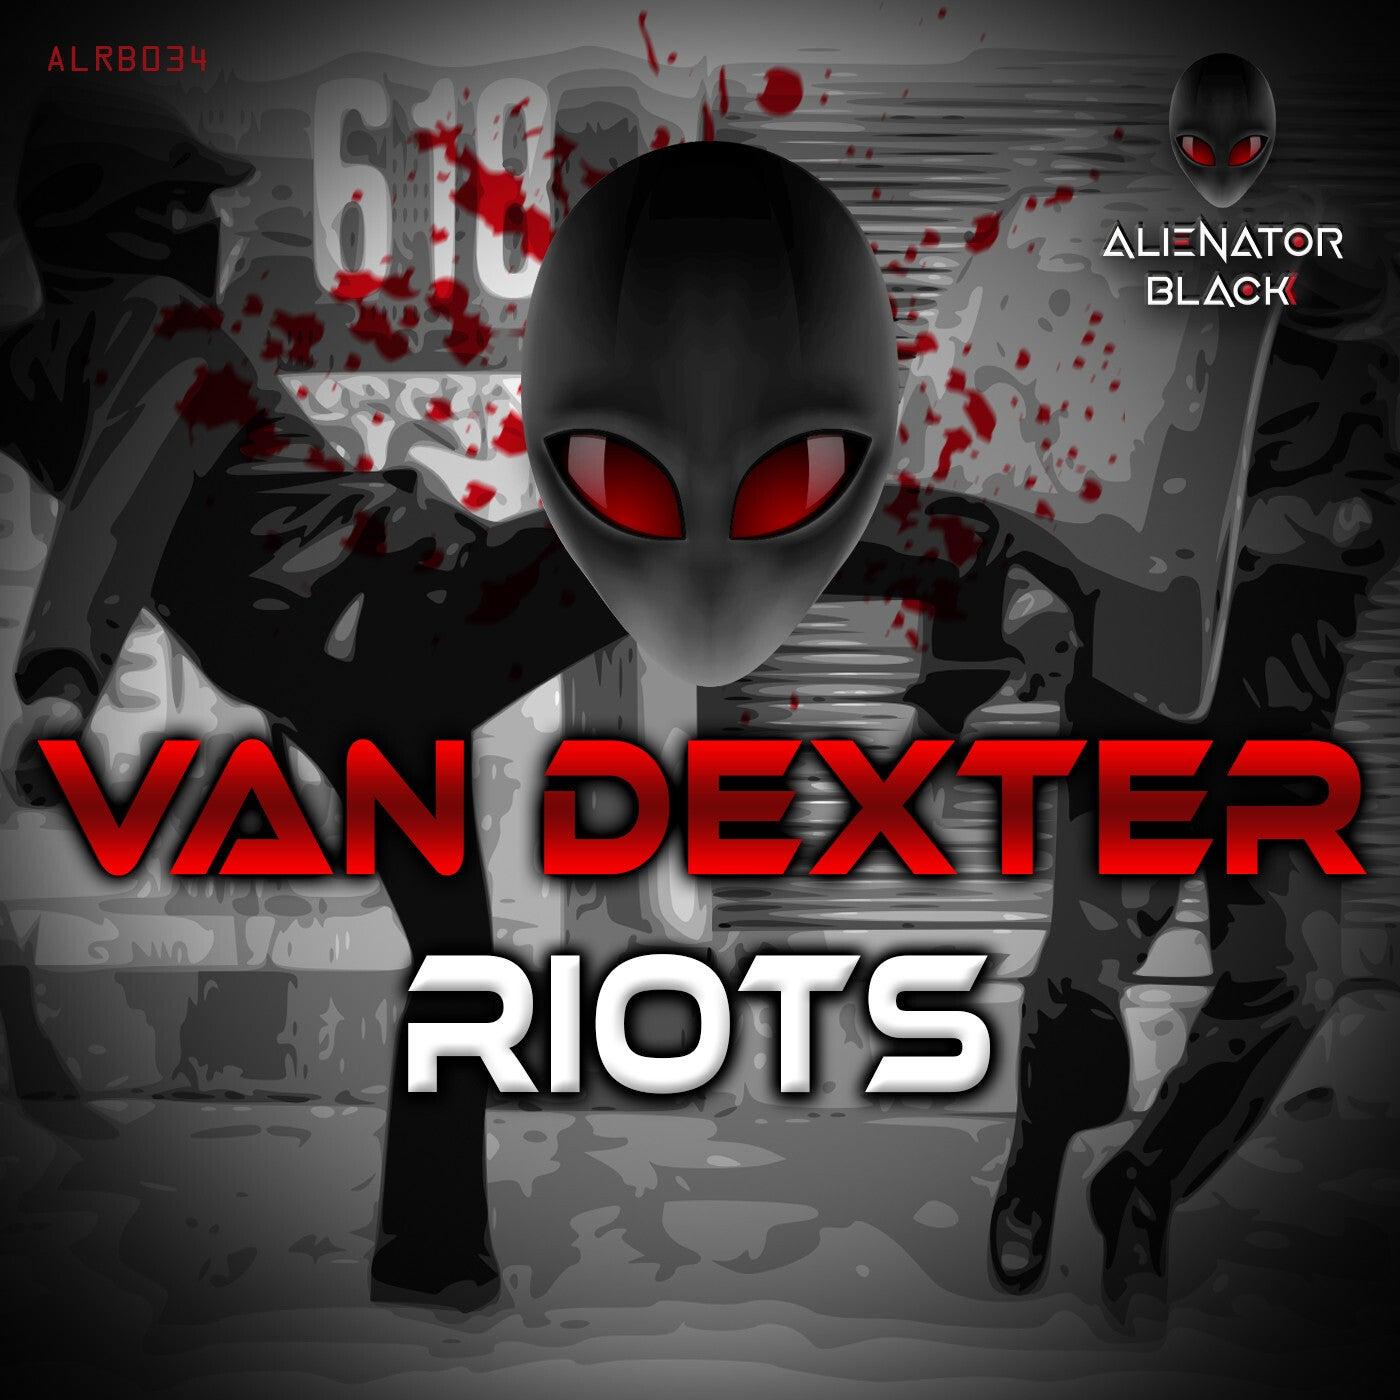 Riots (Original Mix)